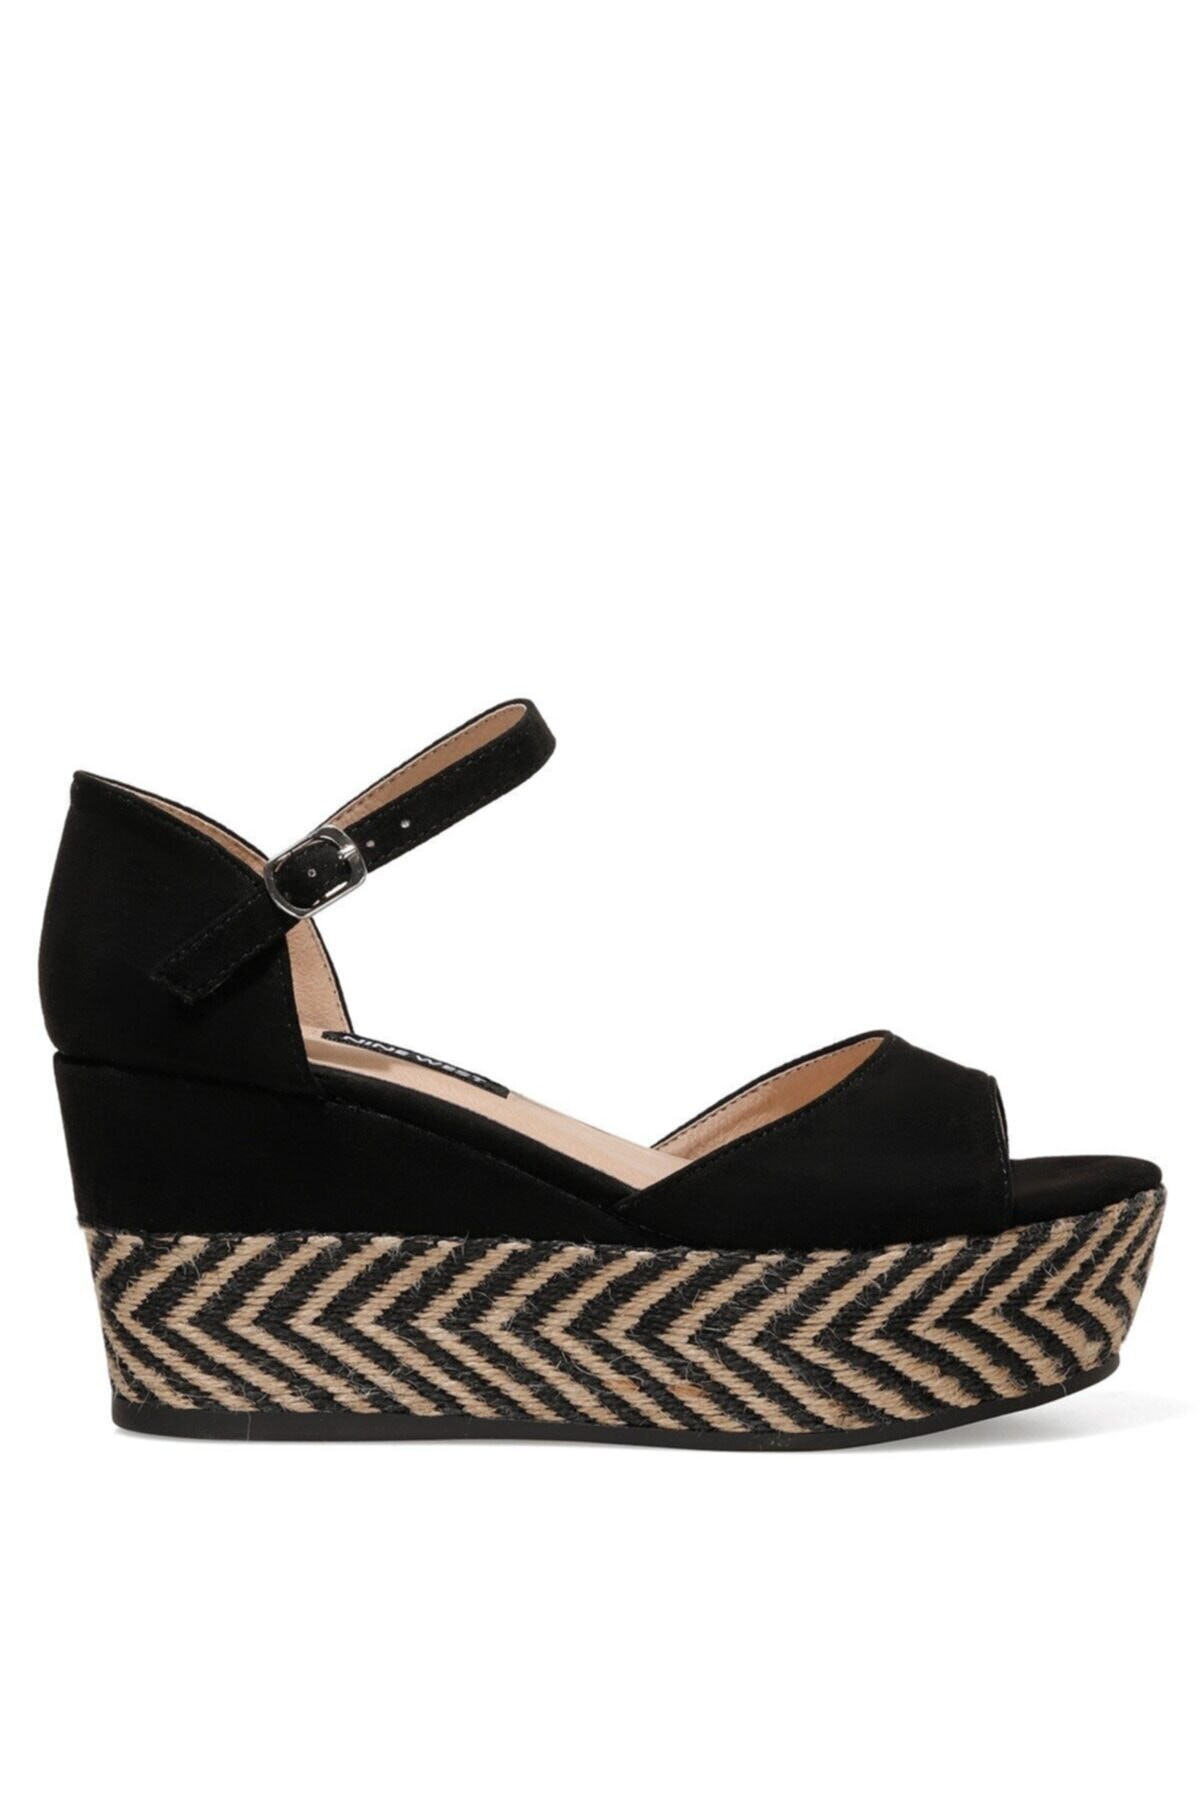 TRUDELL 1FX Siyah Kadın Dolgu Topuklu Sandalet 101030546